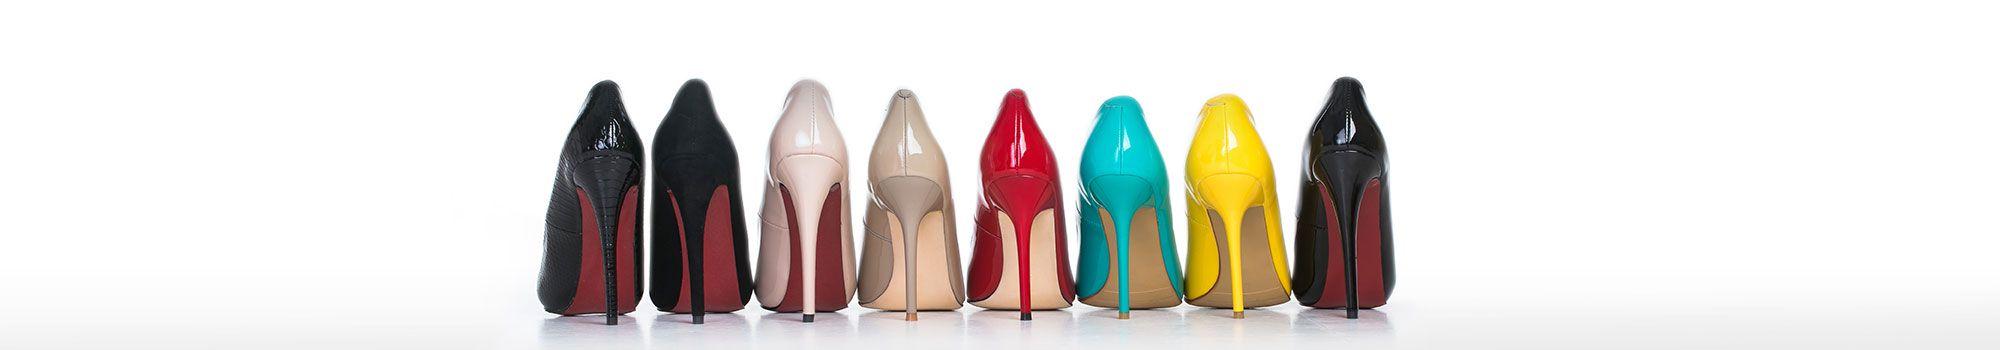 Skóry obuwnicze